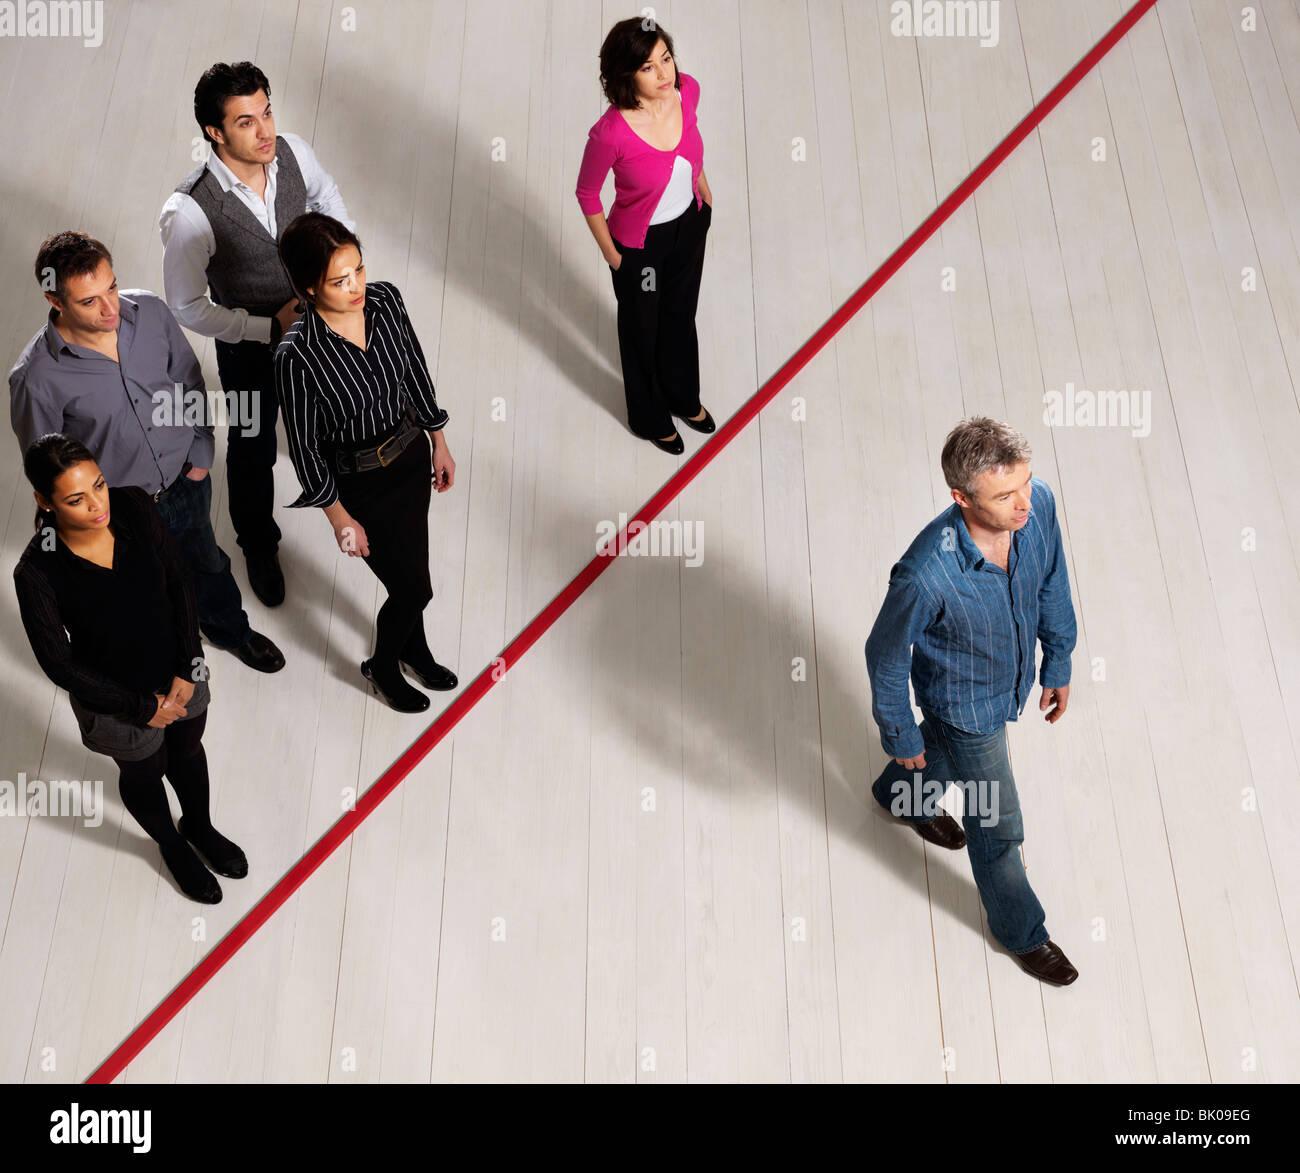 Uomini e donne di attraversamento linea rossa Immagini Stock